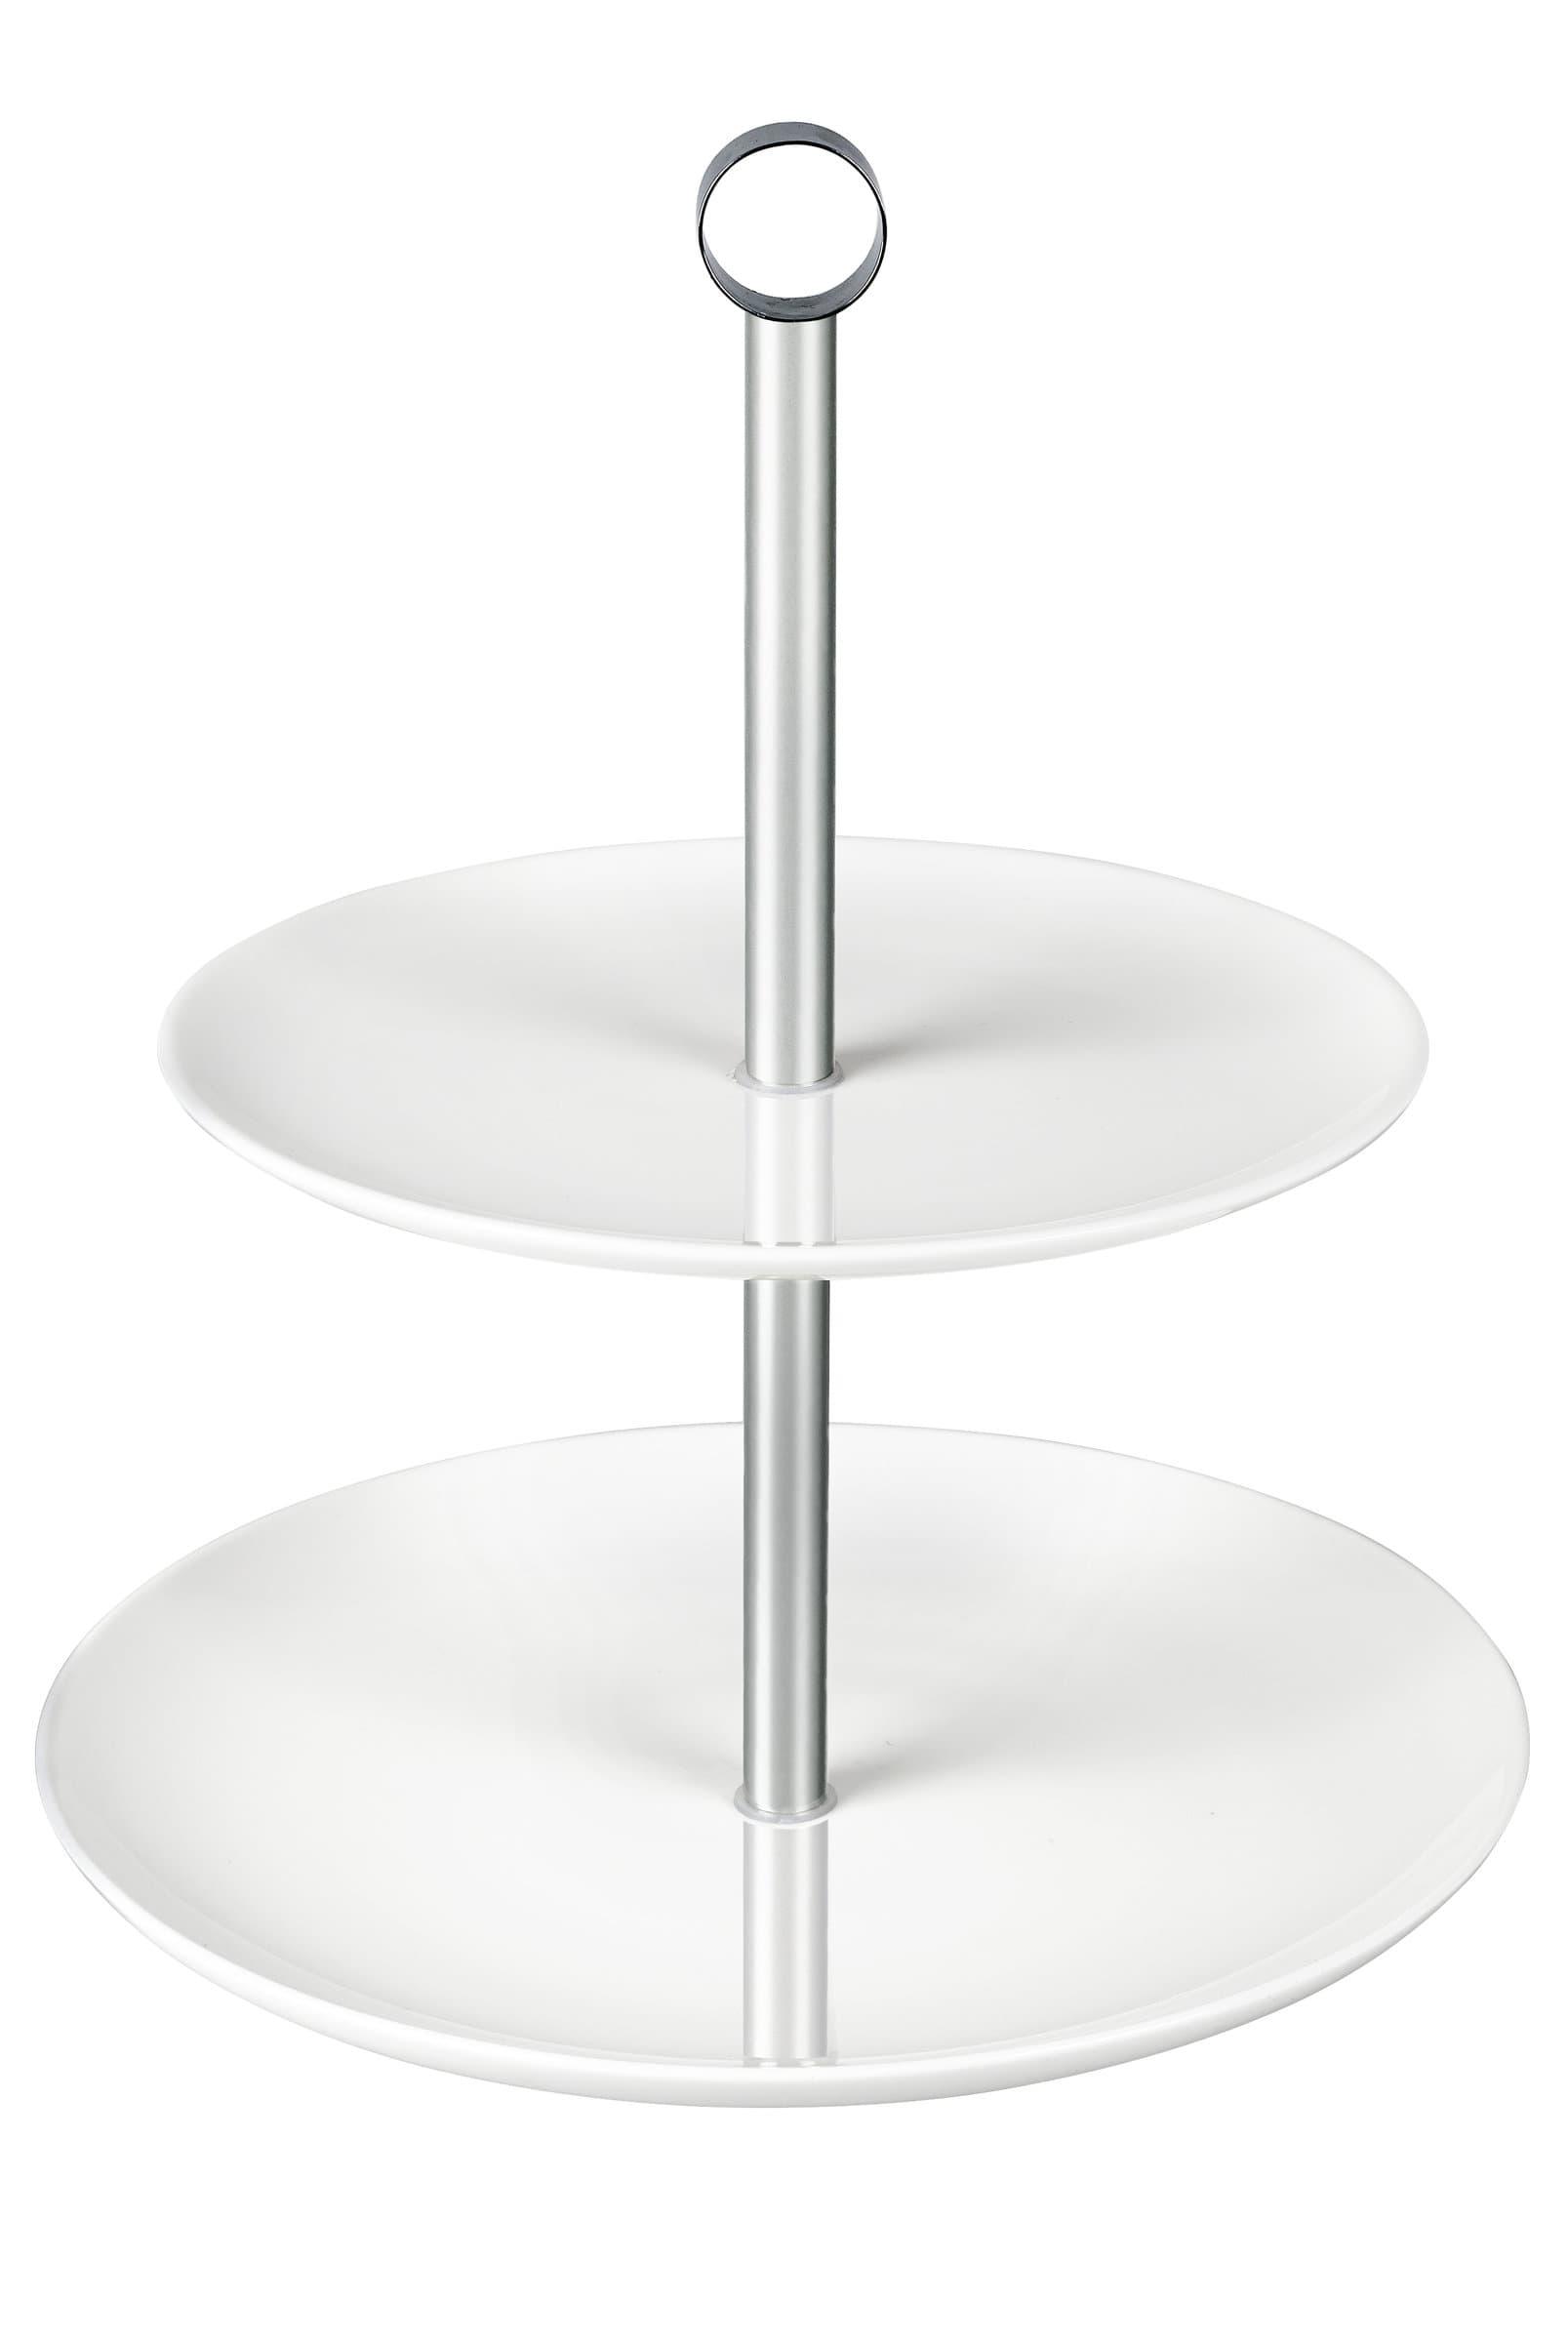 Cucina & Tavola CUCINA & TAVOLA Étagére Porcelaine